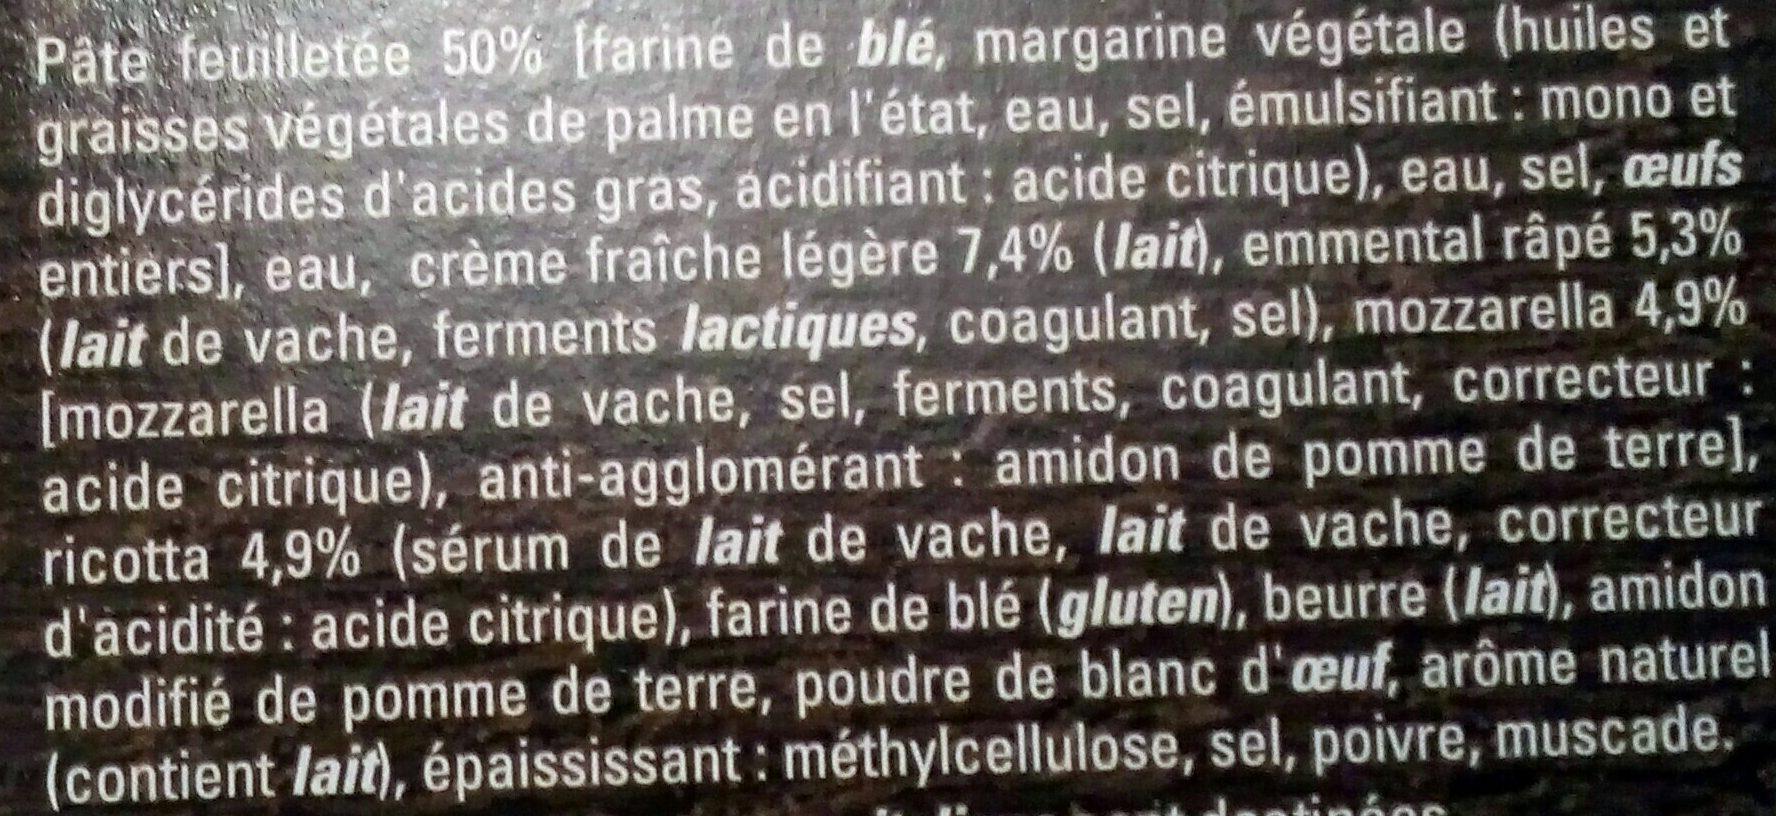 4 Paniers Feuilletės aux 3 Fromages - Ingrédients